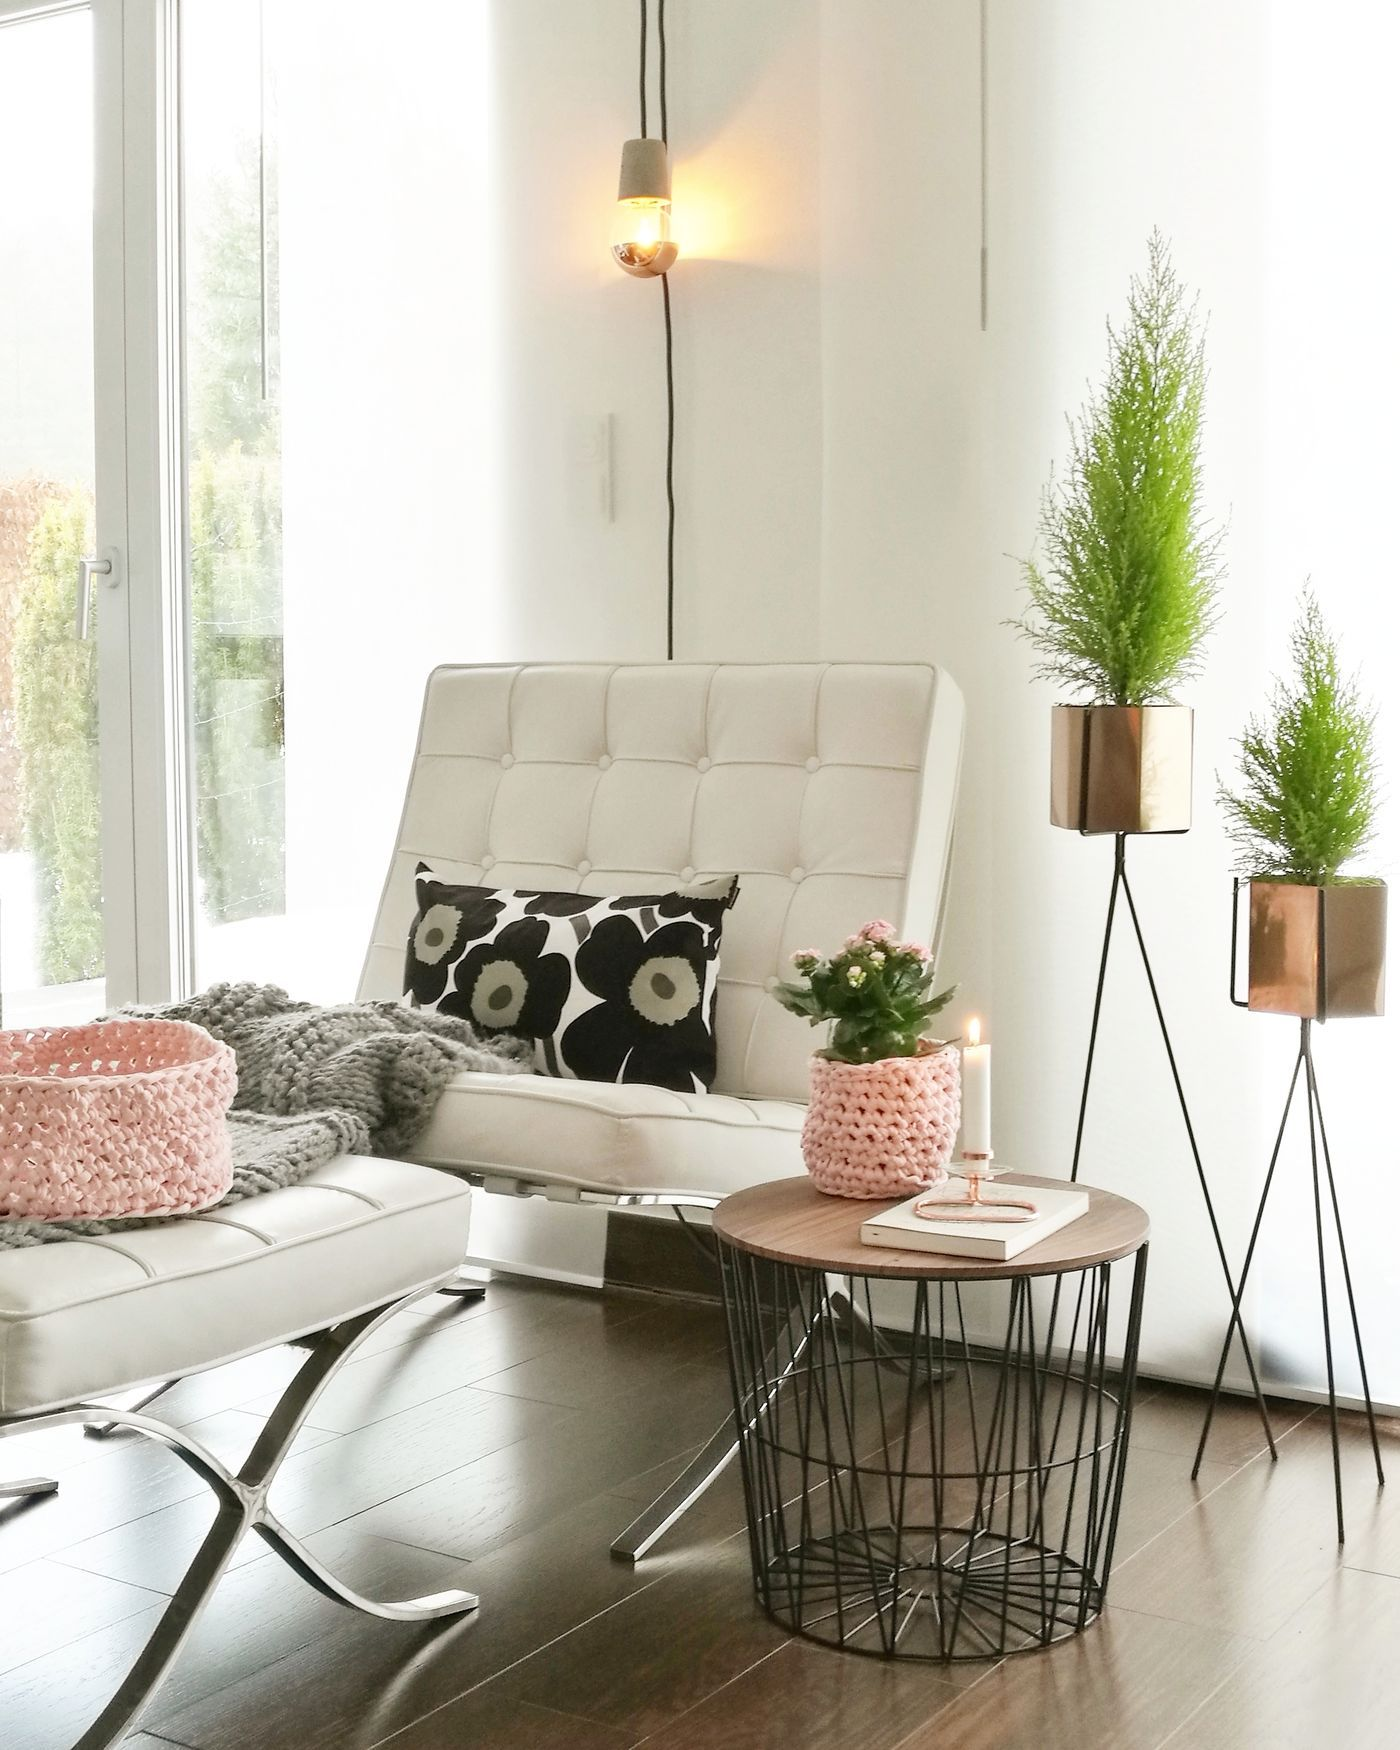 ostereier gestalten ideen und anleitungen seite 5. Black Bedroom Furniture Sets. Home Design Ideas